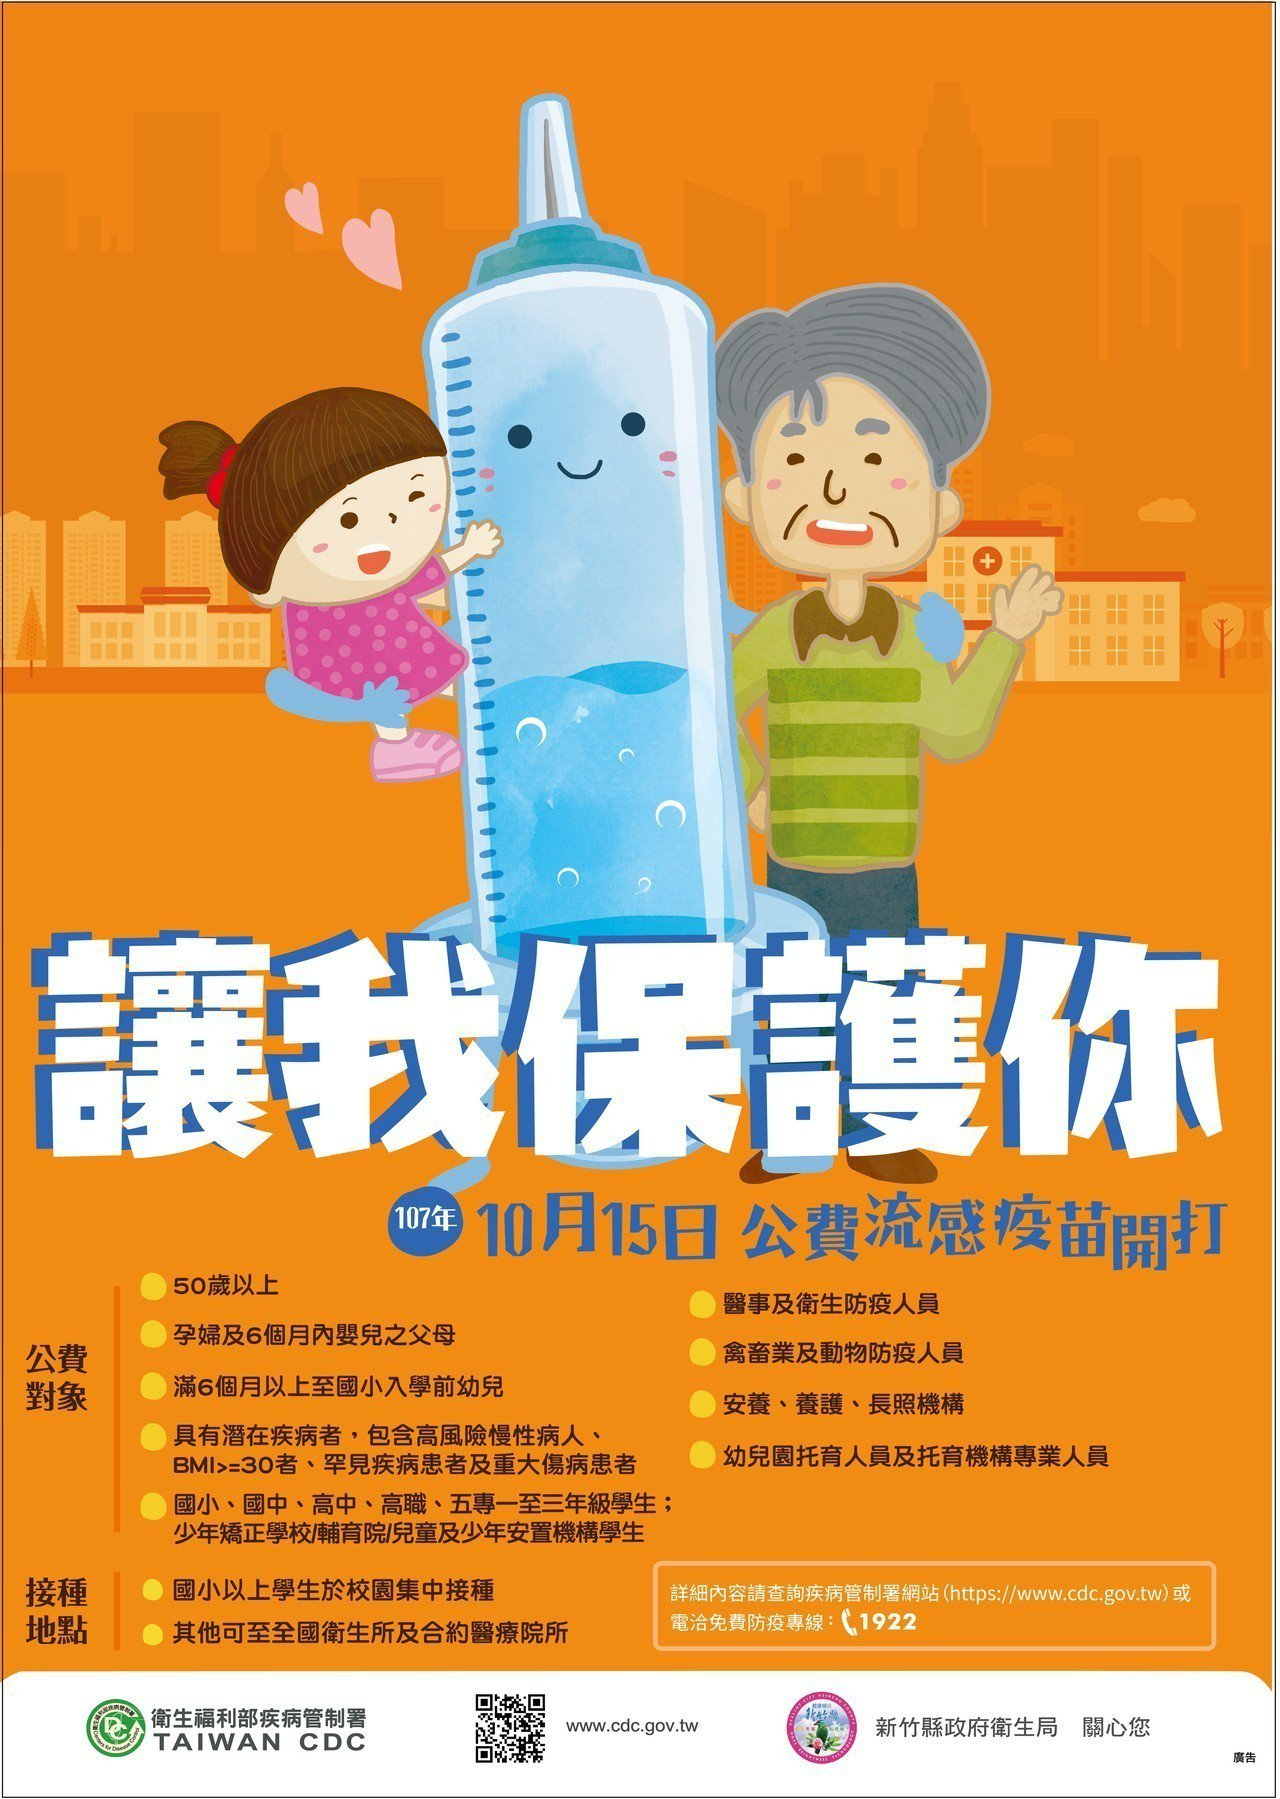 新竹縣有71家成人流感疫苗接種合約醫療院所有、46家幼兒流感疫苗接種合約醫療院所...